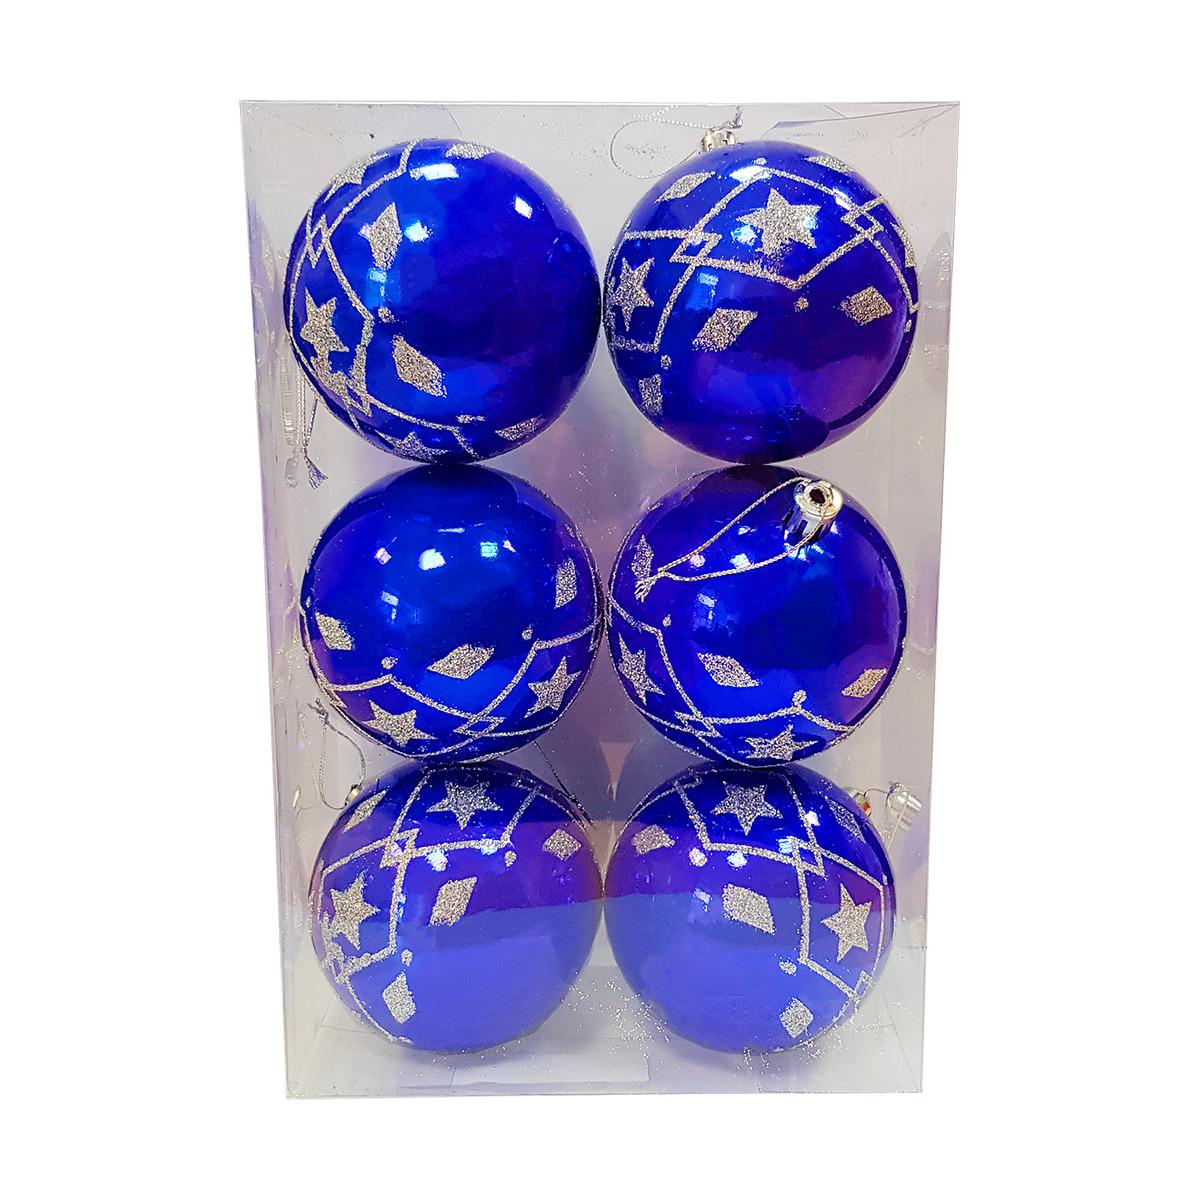 Фото - Набор елочных шаров Магия праздника, диаметр 8 см, 6 шт. NY040 набор елочных шаров магия праздника ny032 красно белый диаметр 6 см 12 шт